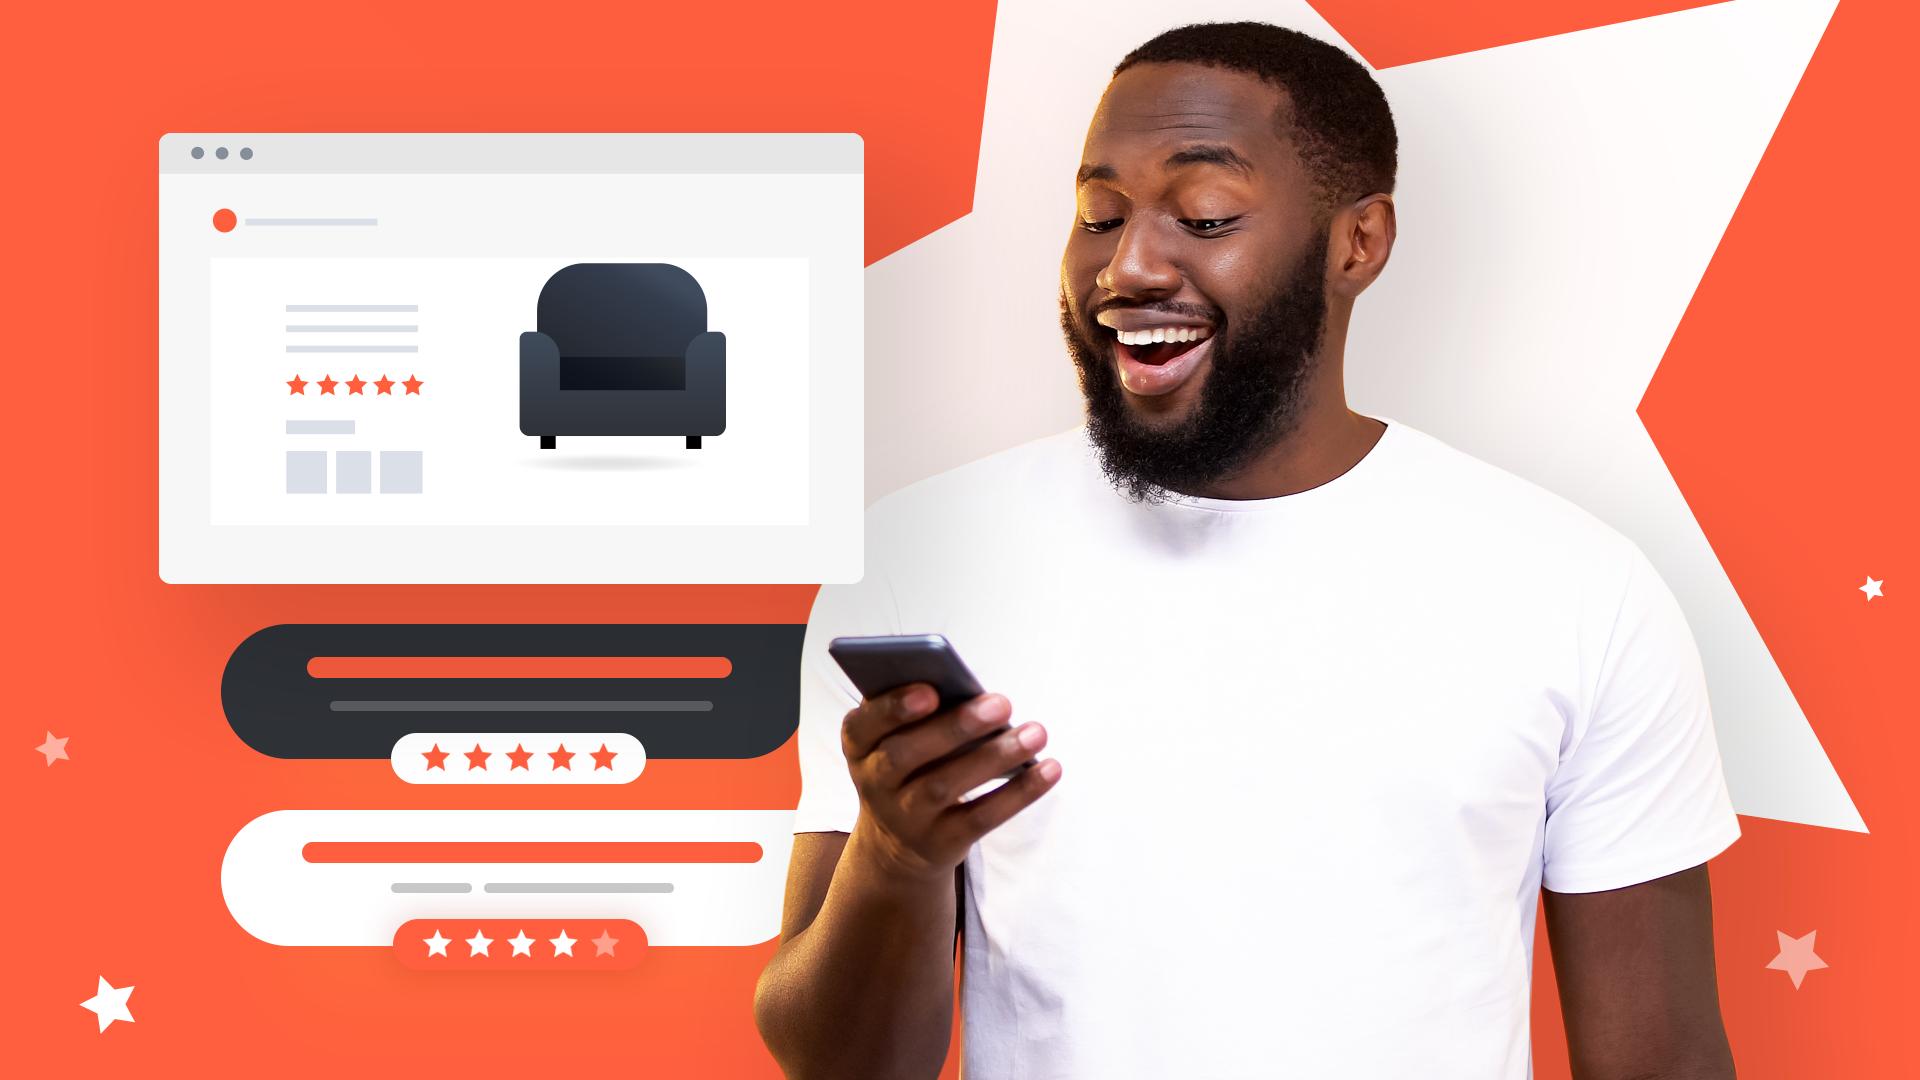 Come rassicurare i visitatori del tuo sito e-commerce?